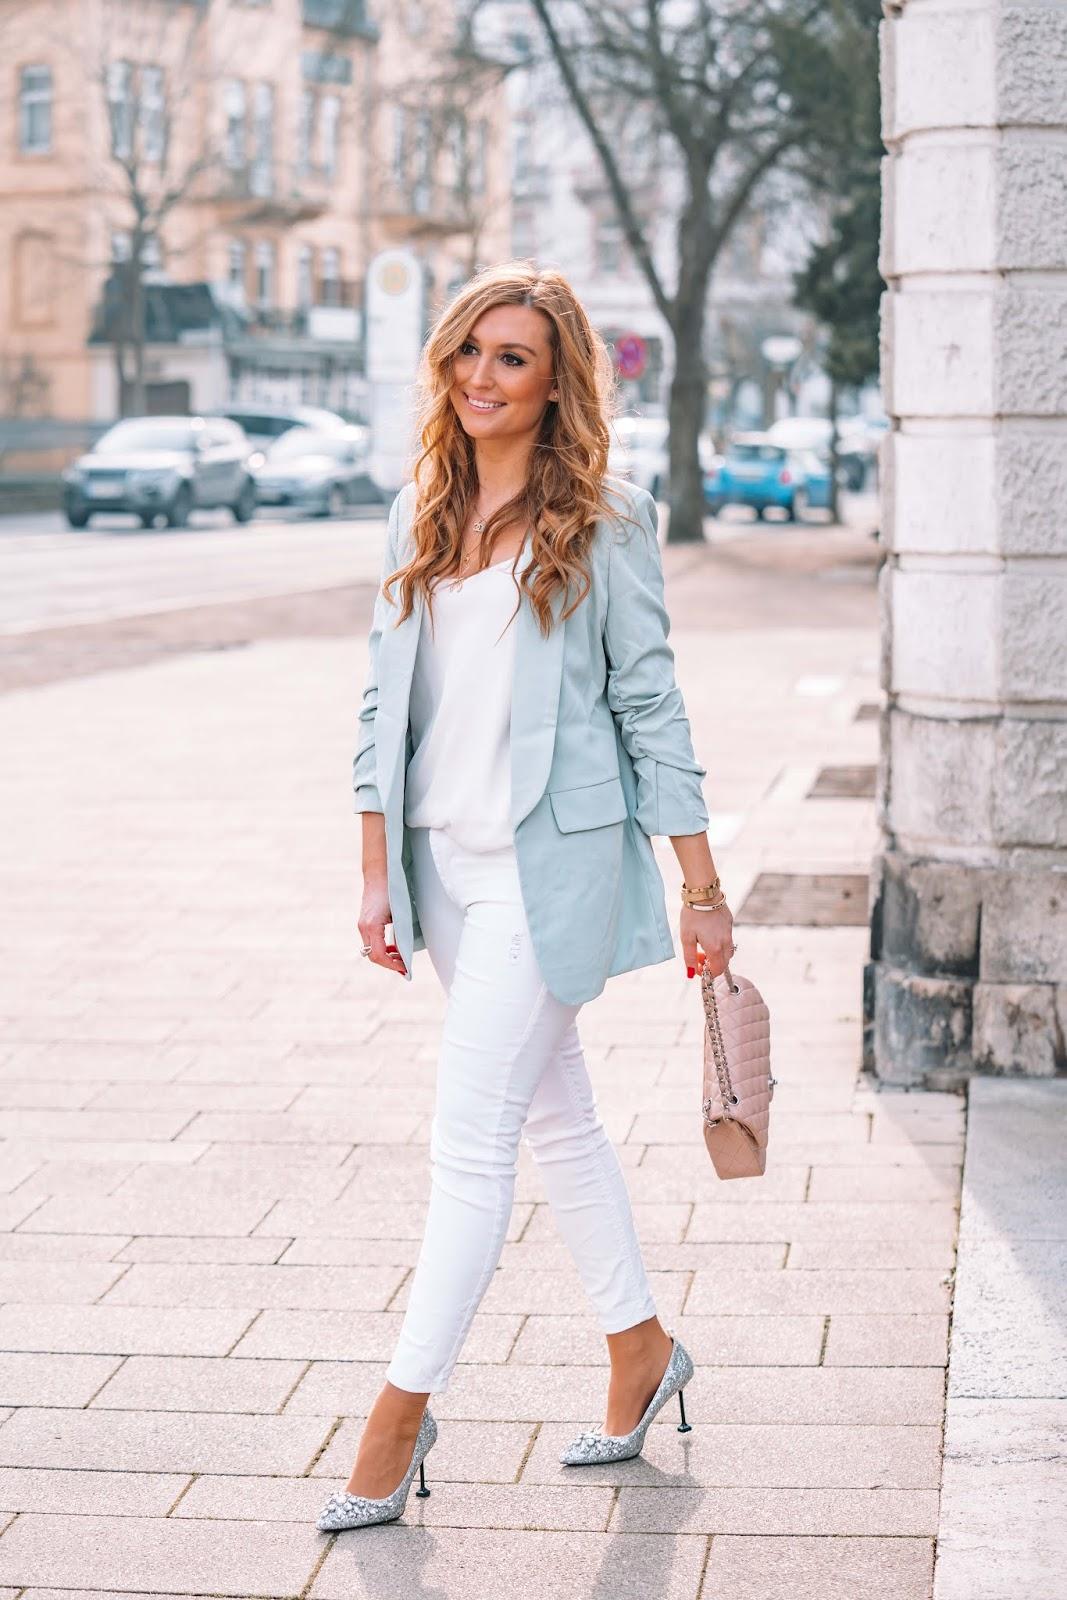 fashionstylebyjohanna - frühling -So kombinierst du feminin einen blauen Blazer